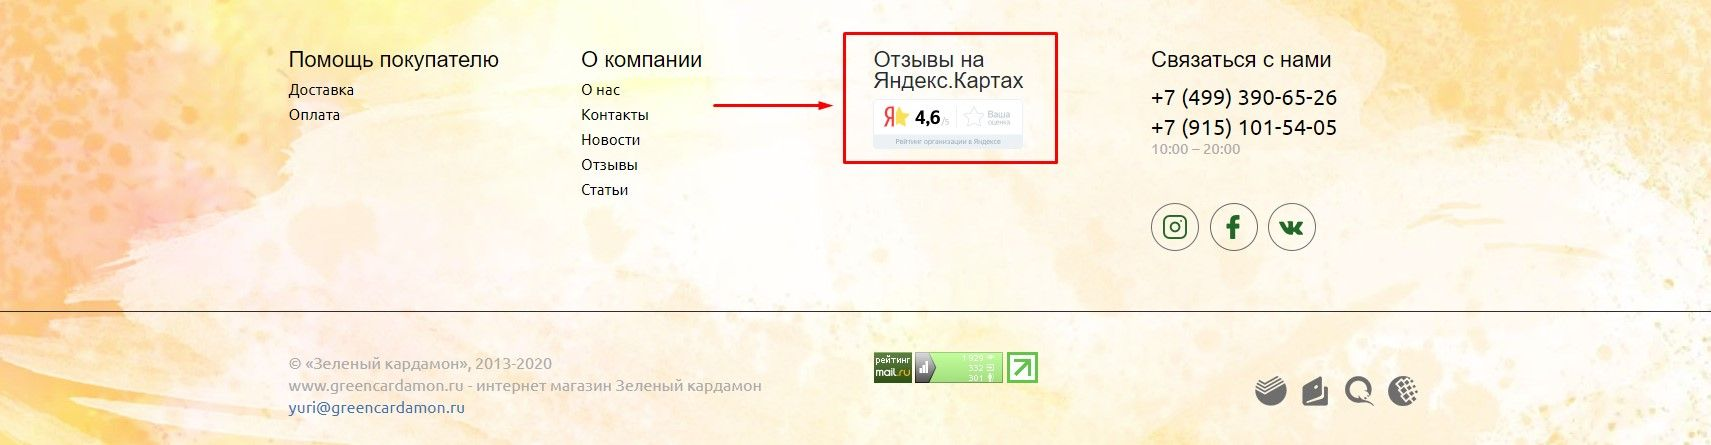 Рейтинг организации в футере на примере greencardamon.ru